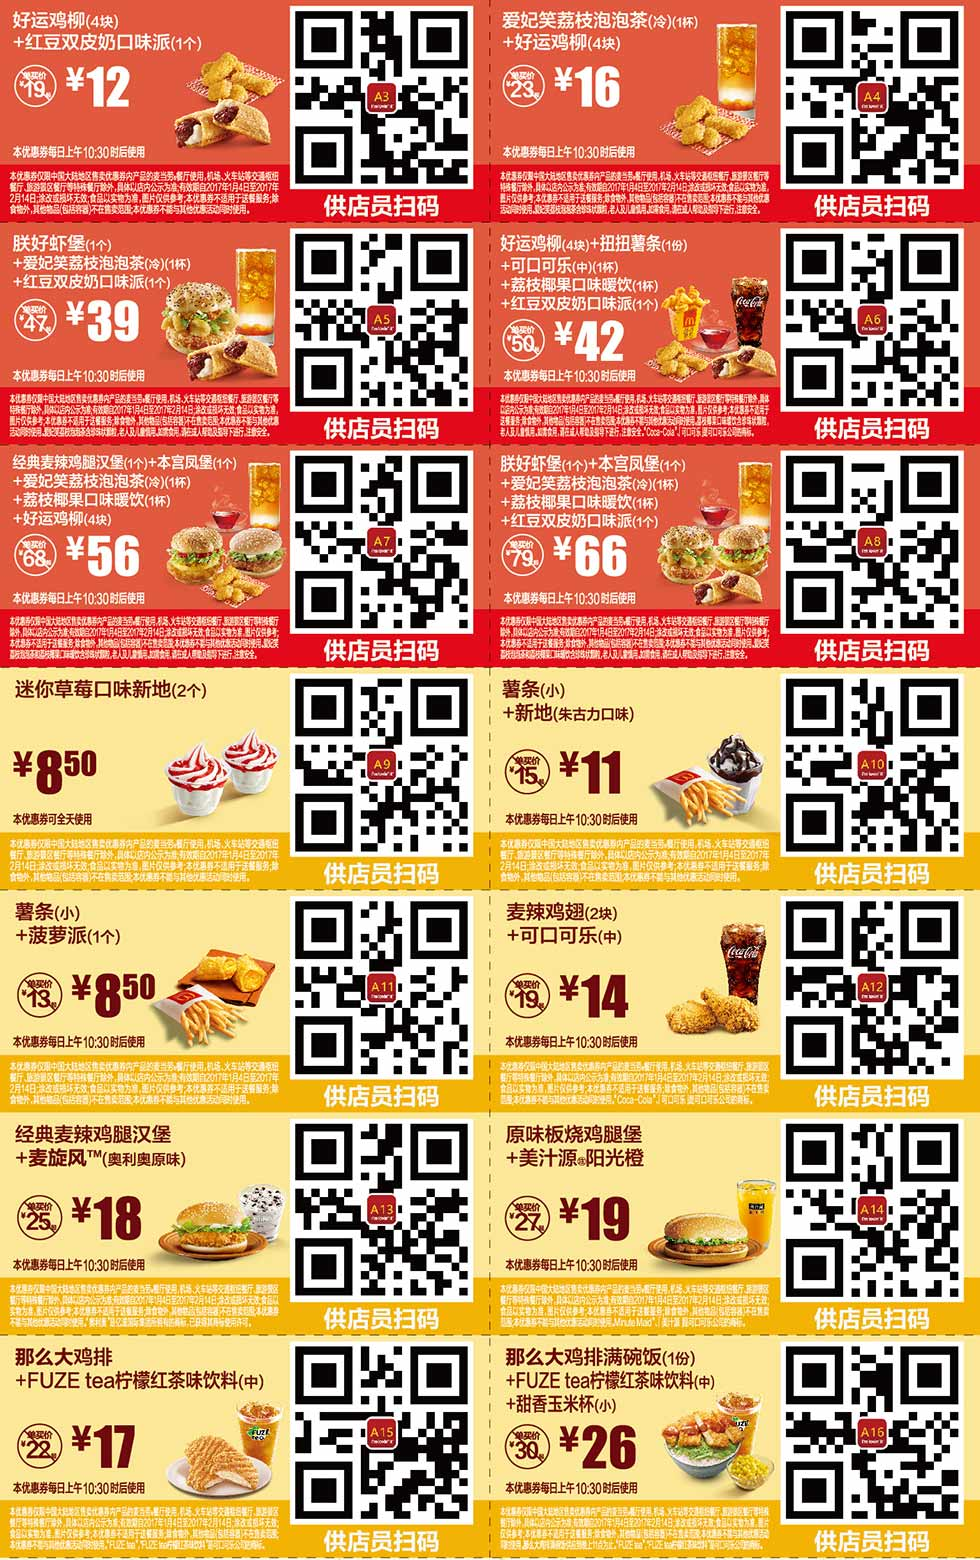 麦当劳优惠券2017年1月2月整张手机版,点餐出示享受优惠价 有效期至:2017年2月14日 www.5ikfc.com